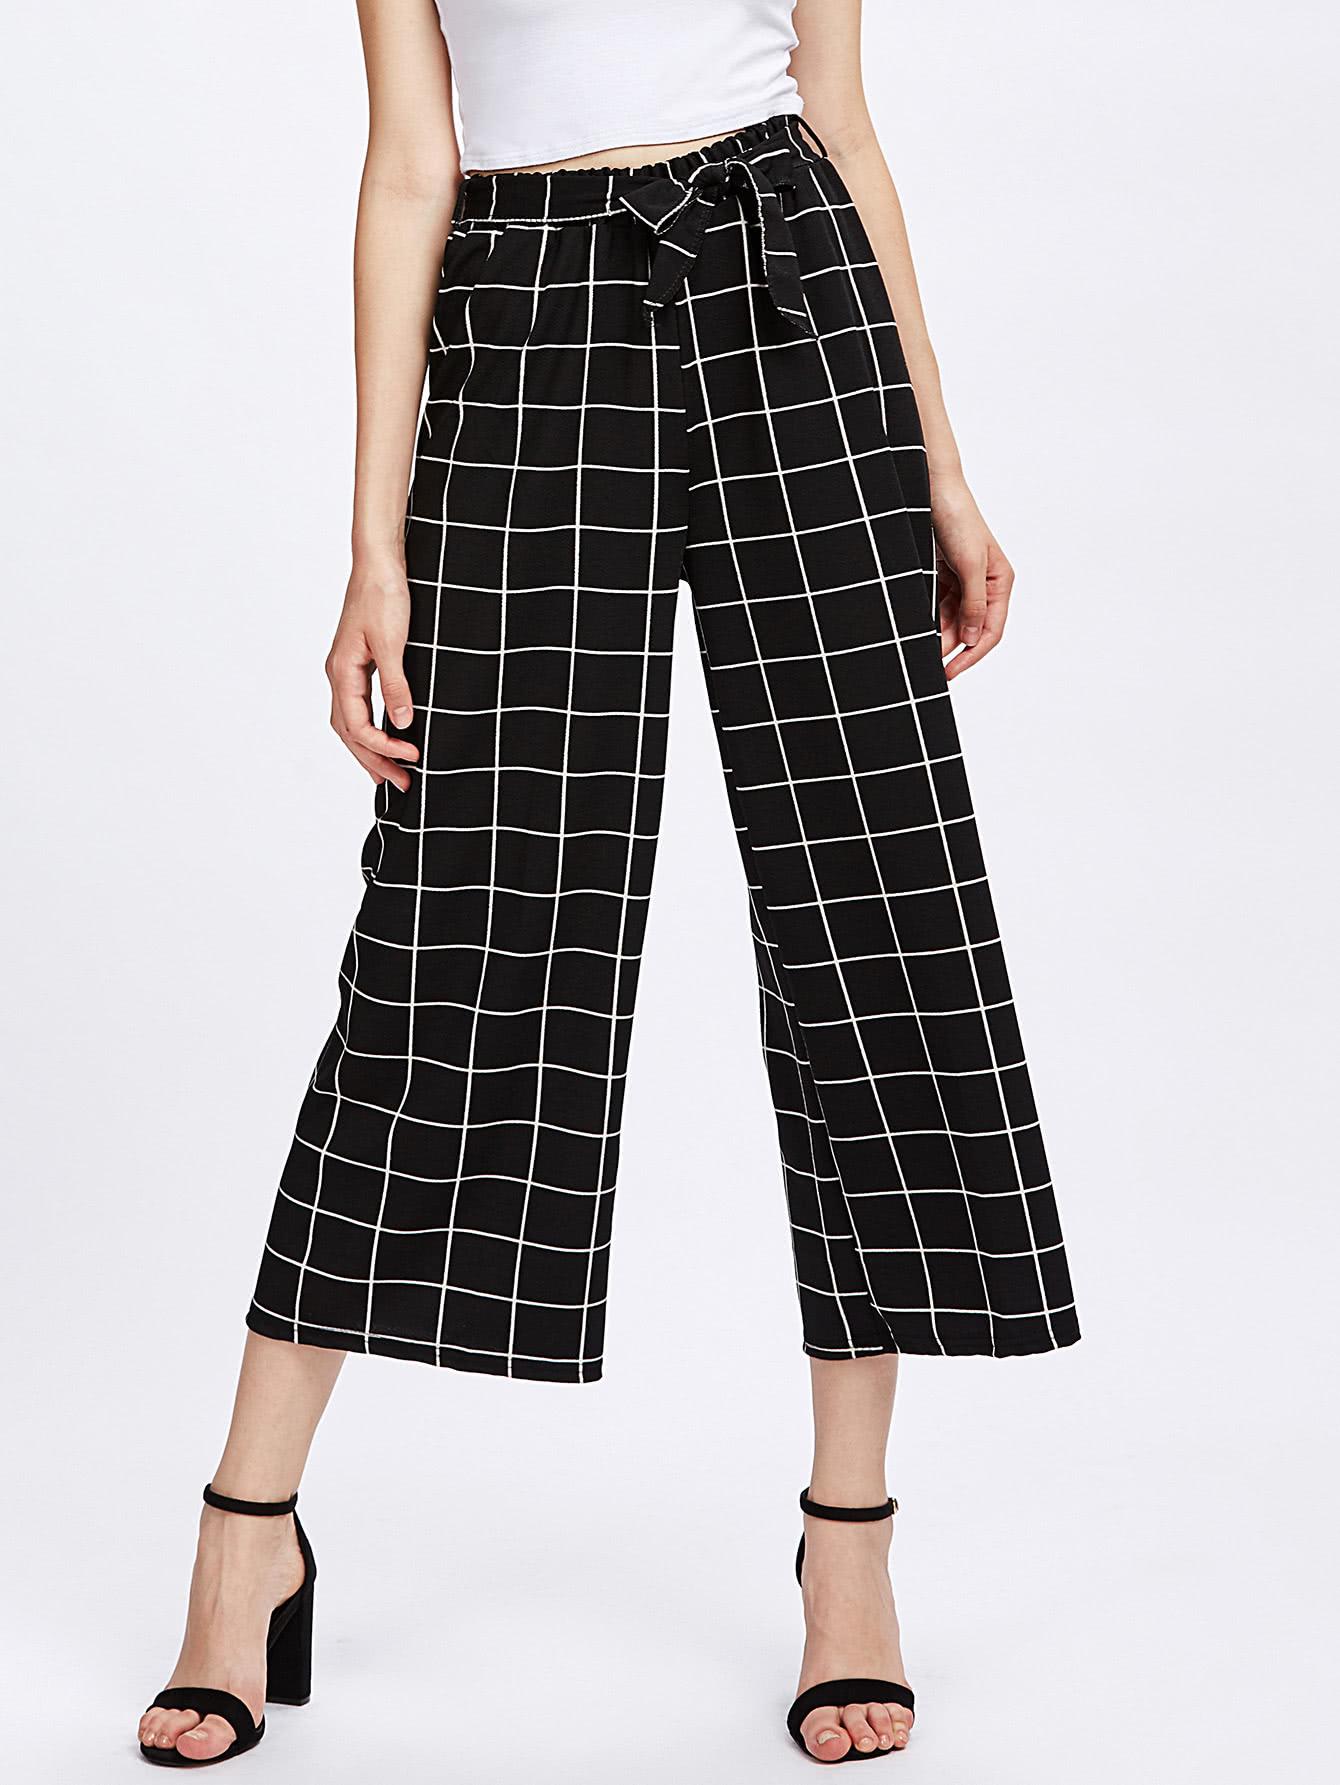 Image of Grid Print Self Tie Wide Leg Pants